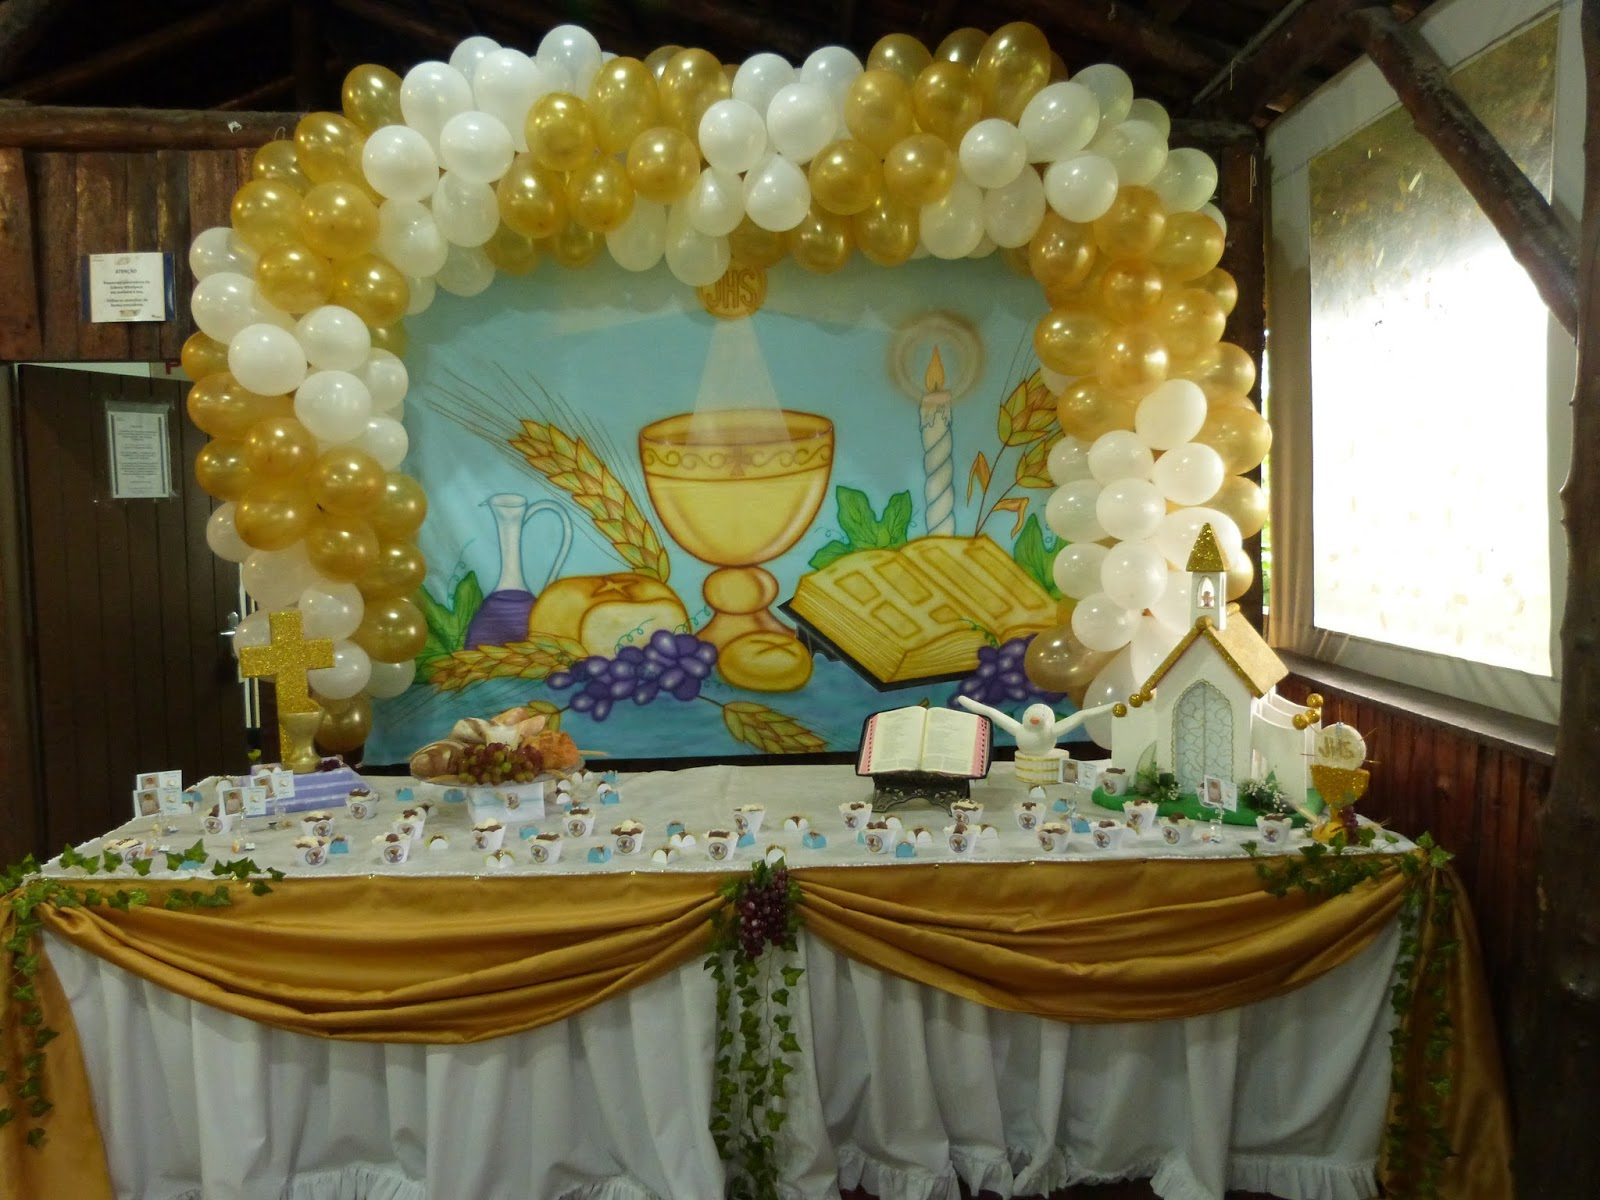 Primeira Eucaristia Decoraç u00e3o -> Decoração Primeira Comunhão Igreja